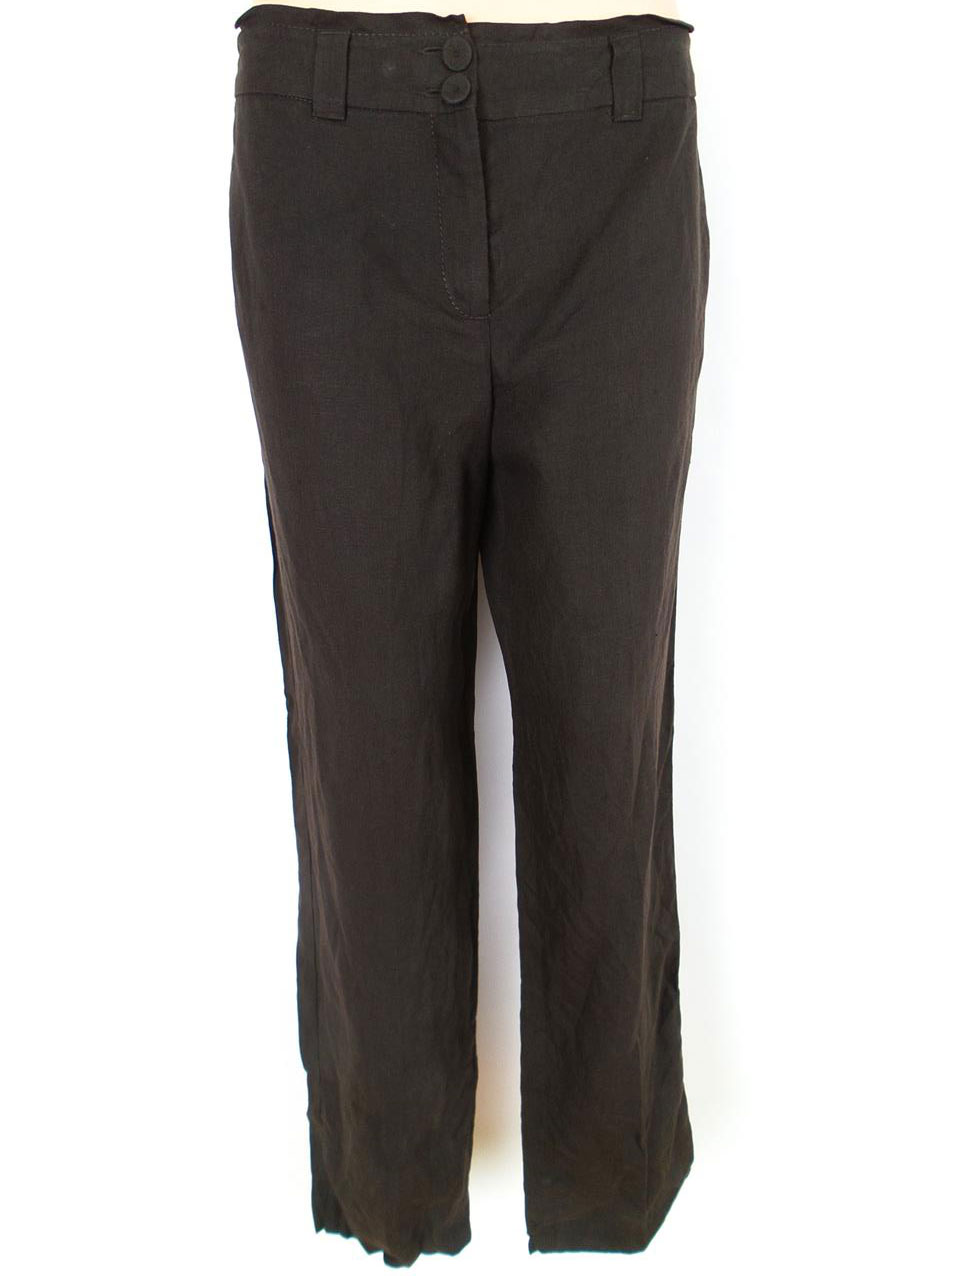 ... Bandolera koko 38 housut taskuihin jokapäiväistä ruskea pellava 100%.    5dc84049b5